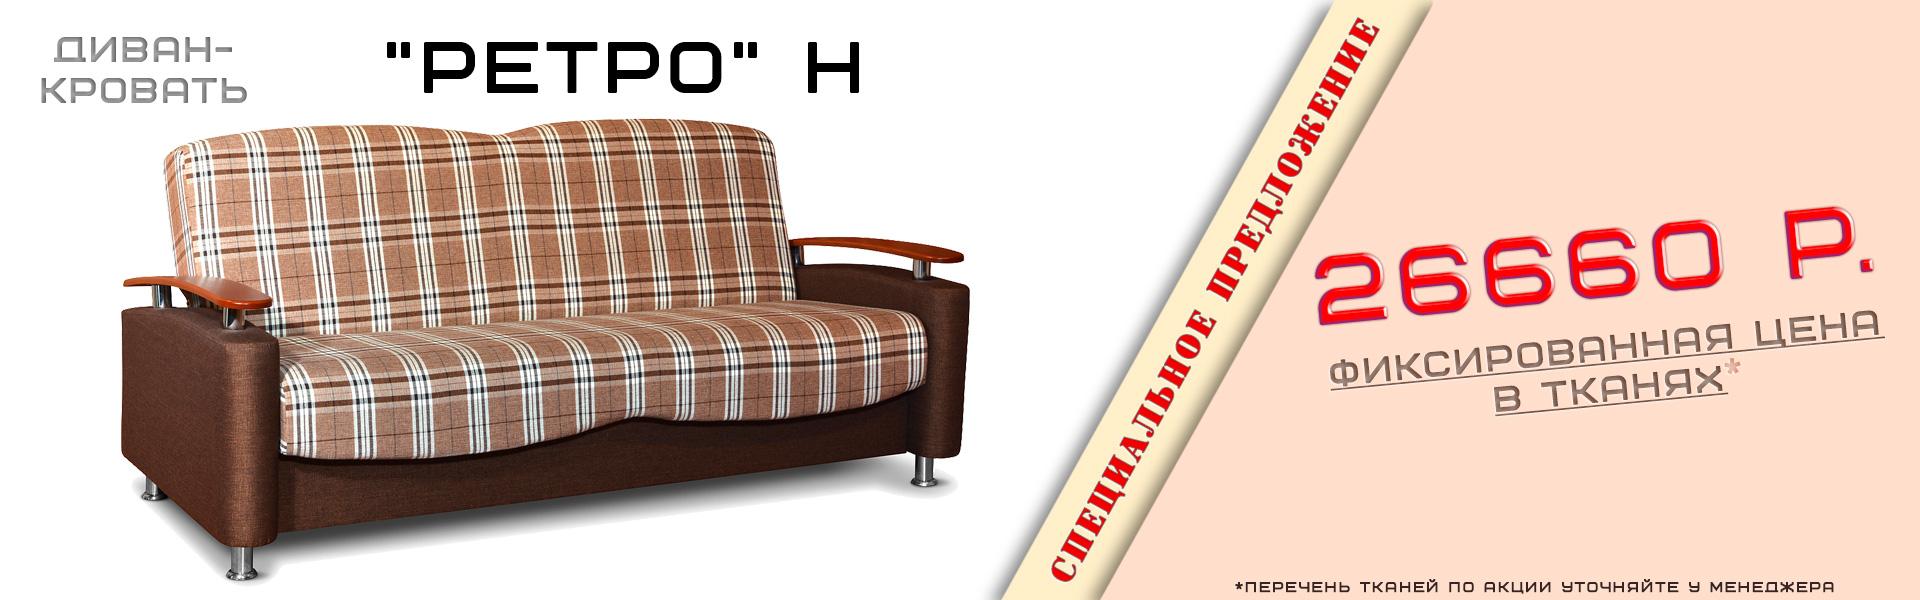 диван-кровать Ретро Н